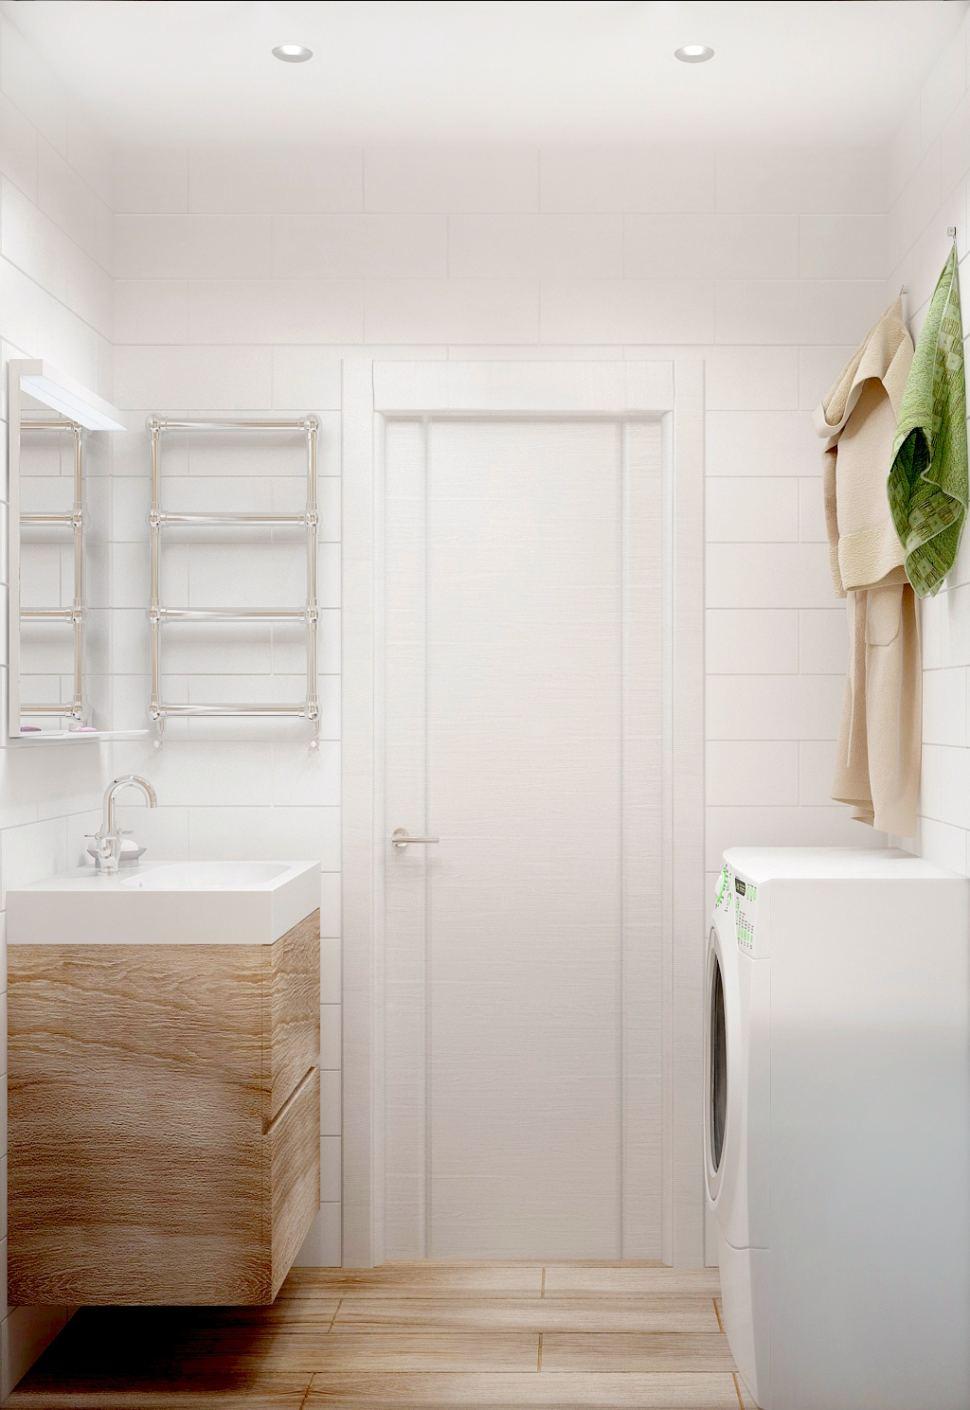 Визуализация ванной комнаты 3 кв.м, керамическая плитка под дерево, стиральная машина, полки, мойка, зеркало, полотенцесушитель